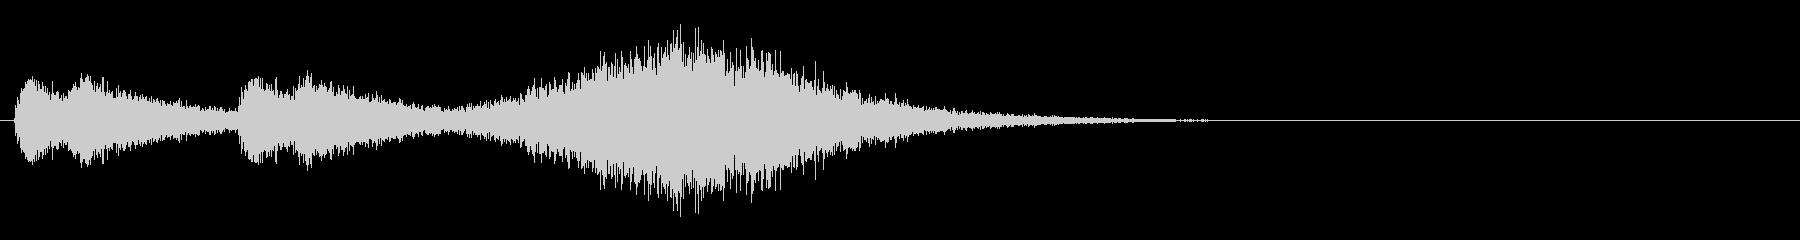 音楽ロゴ;マーチスネアの紹介。の未再生の波形